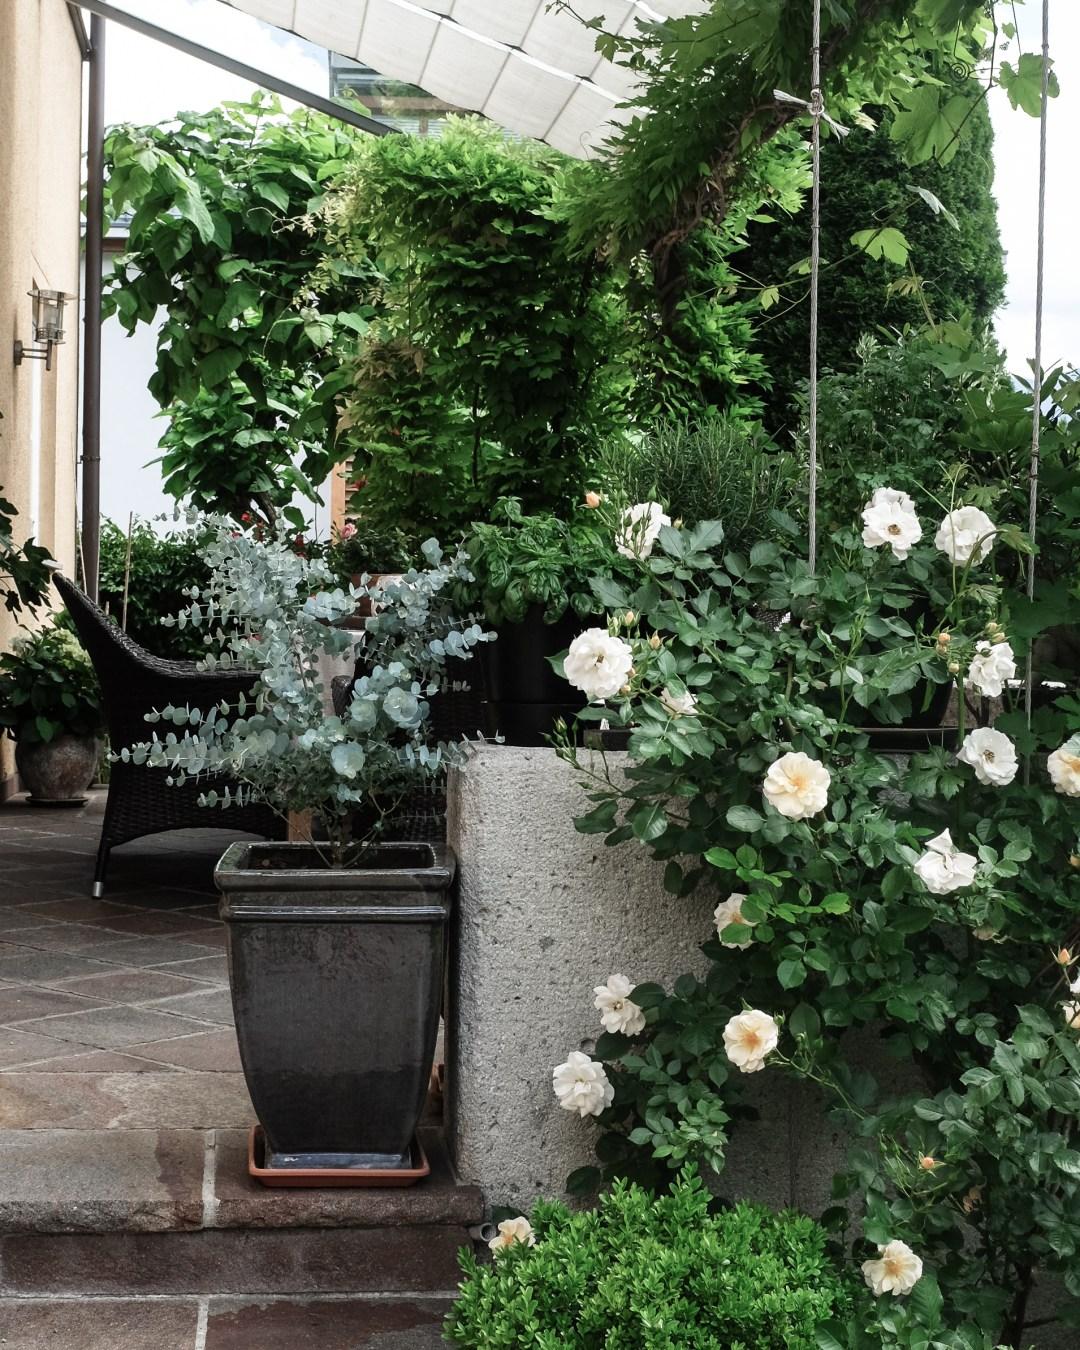 inastil, Ü50Blogger, mein schöner Garten, Sommergarten, Grillen, bestes Grillhähnchen, Sommertisch, toskanisches Platthuhn Rezept, outdoorliving, Rosen, Gartenblicke-15